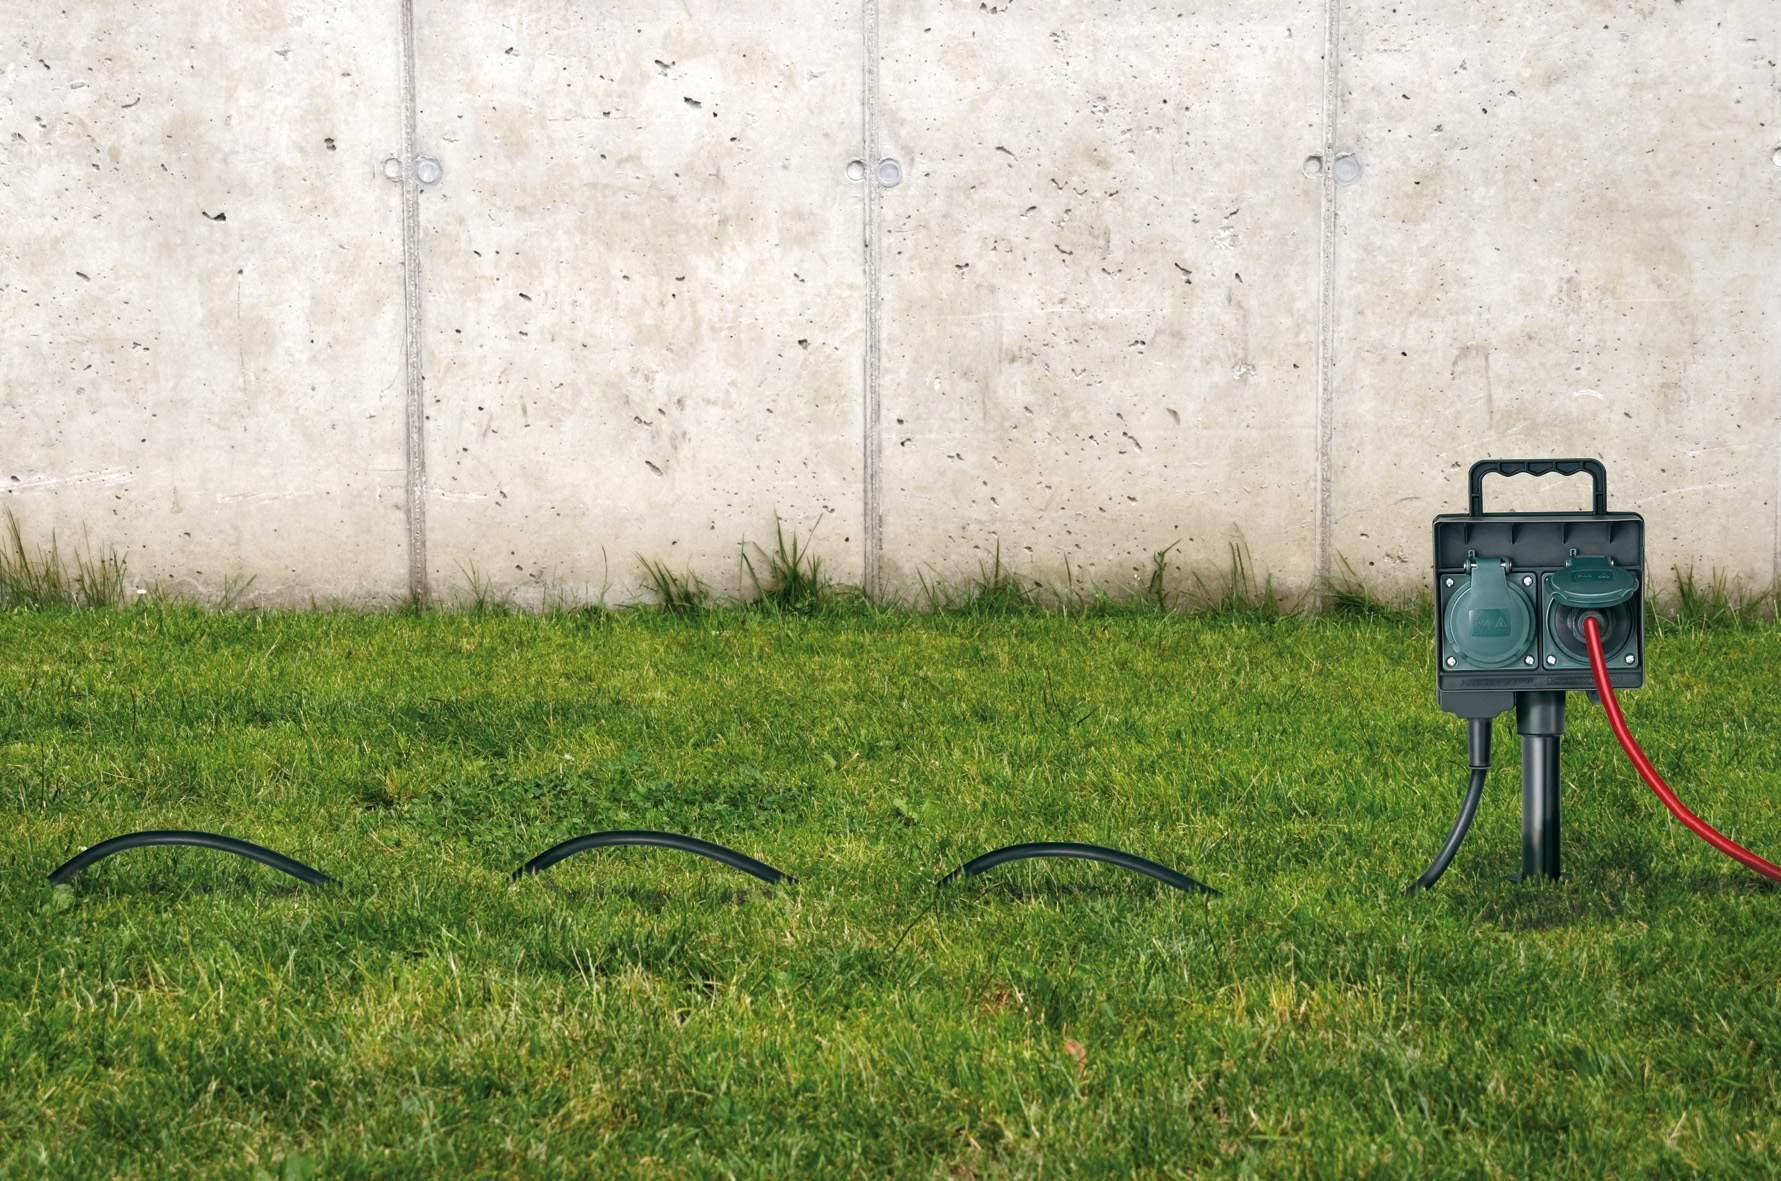 stromverteiler garten inspirierend gartensteckdose mit erdspies ip44 2 fach 1 4m h07rn f 3g1 5 of stromverteiler garten